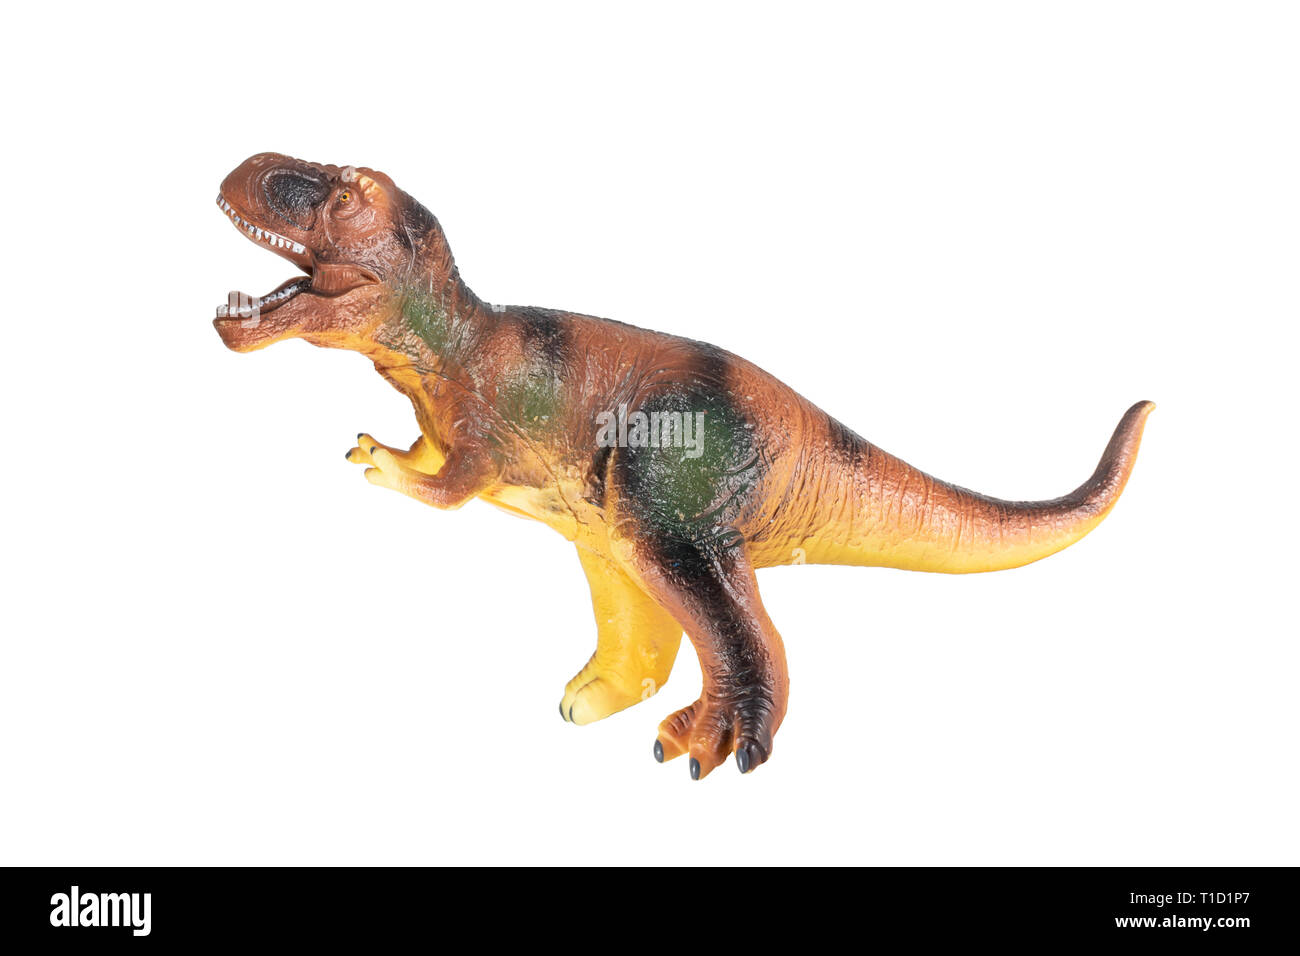 ein grosser dinosaurier spielzeug aus kautschuk auf weissem hintergrund t1d1p7